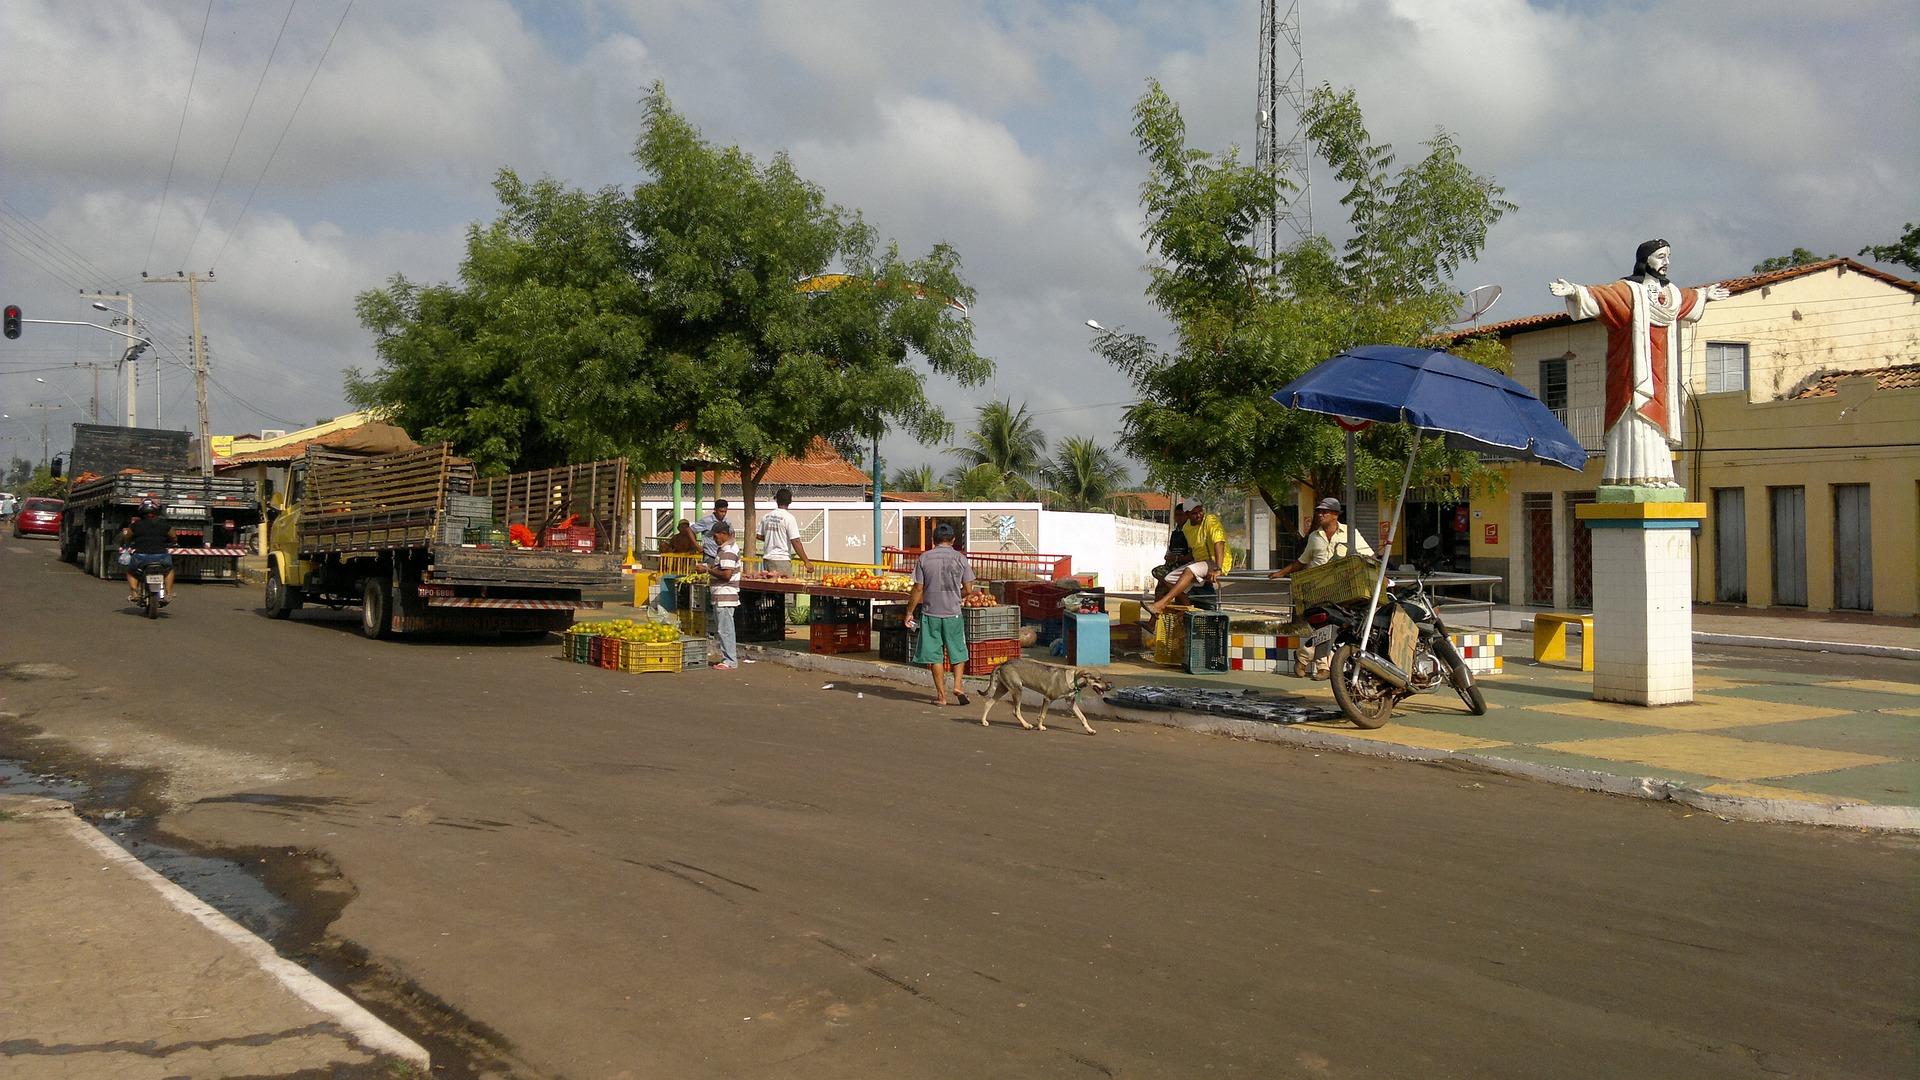 Bom Lugar Maranhão fonte: upload.wikimedia.org